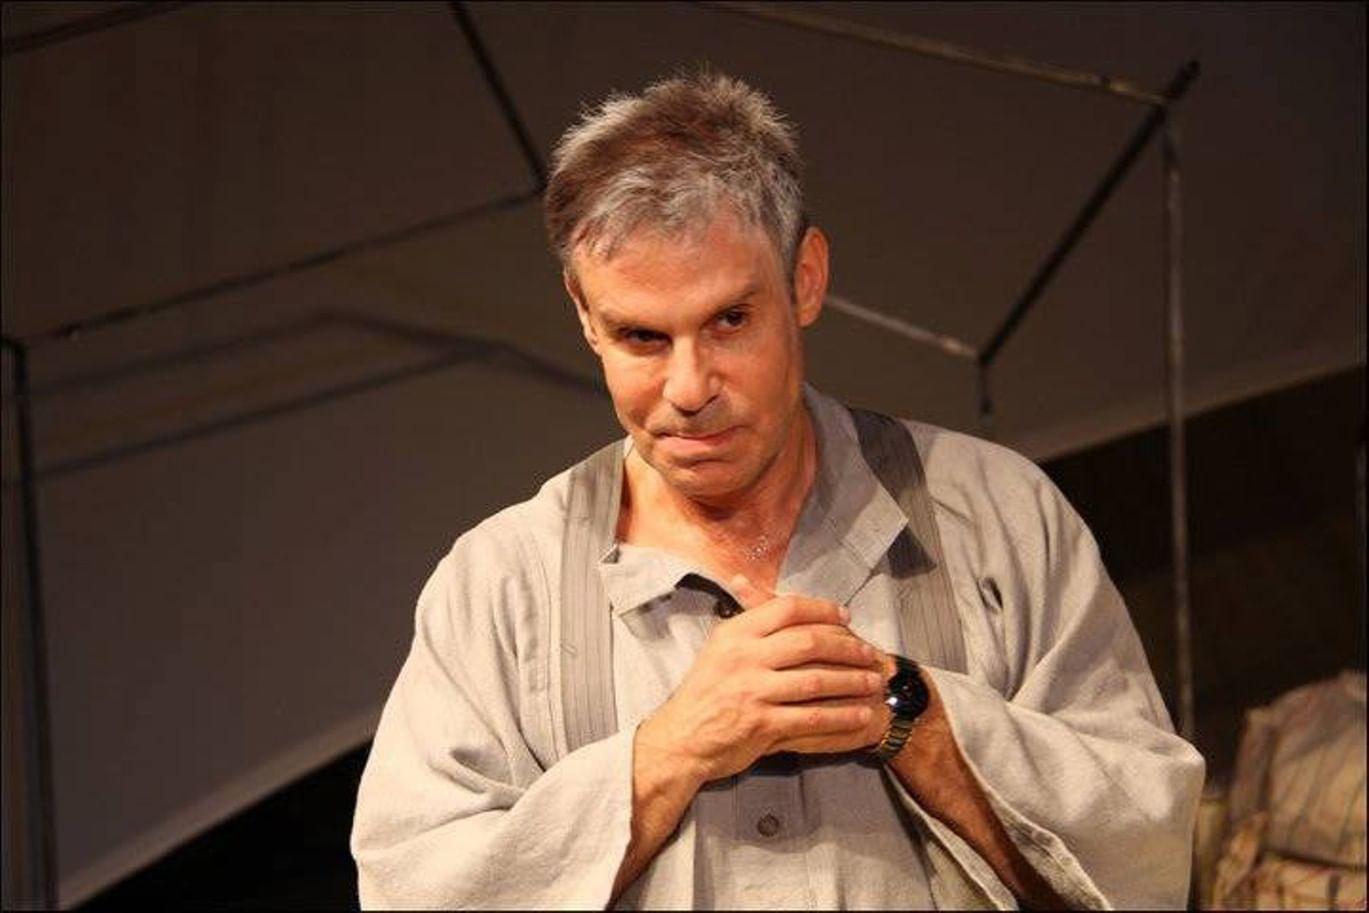 Ефим Шифрин: «Только труд может сделать из артиста человека». Галерея 2